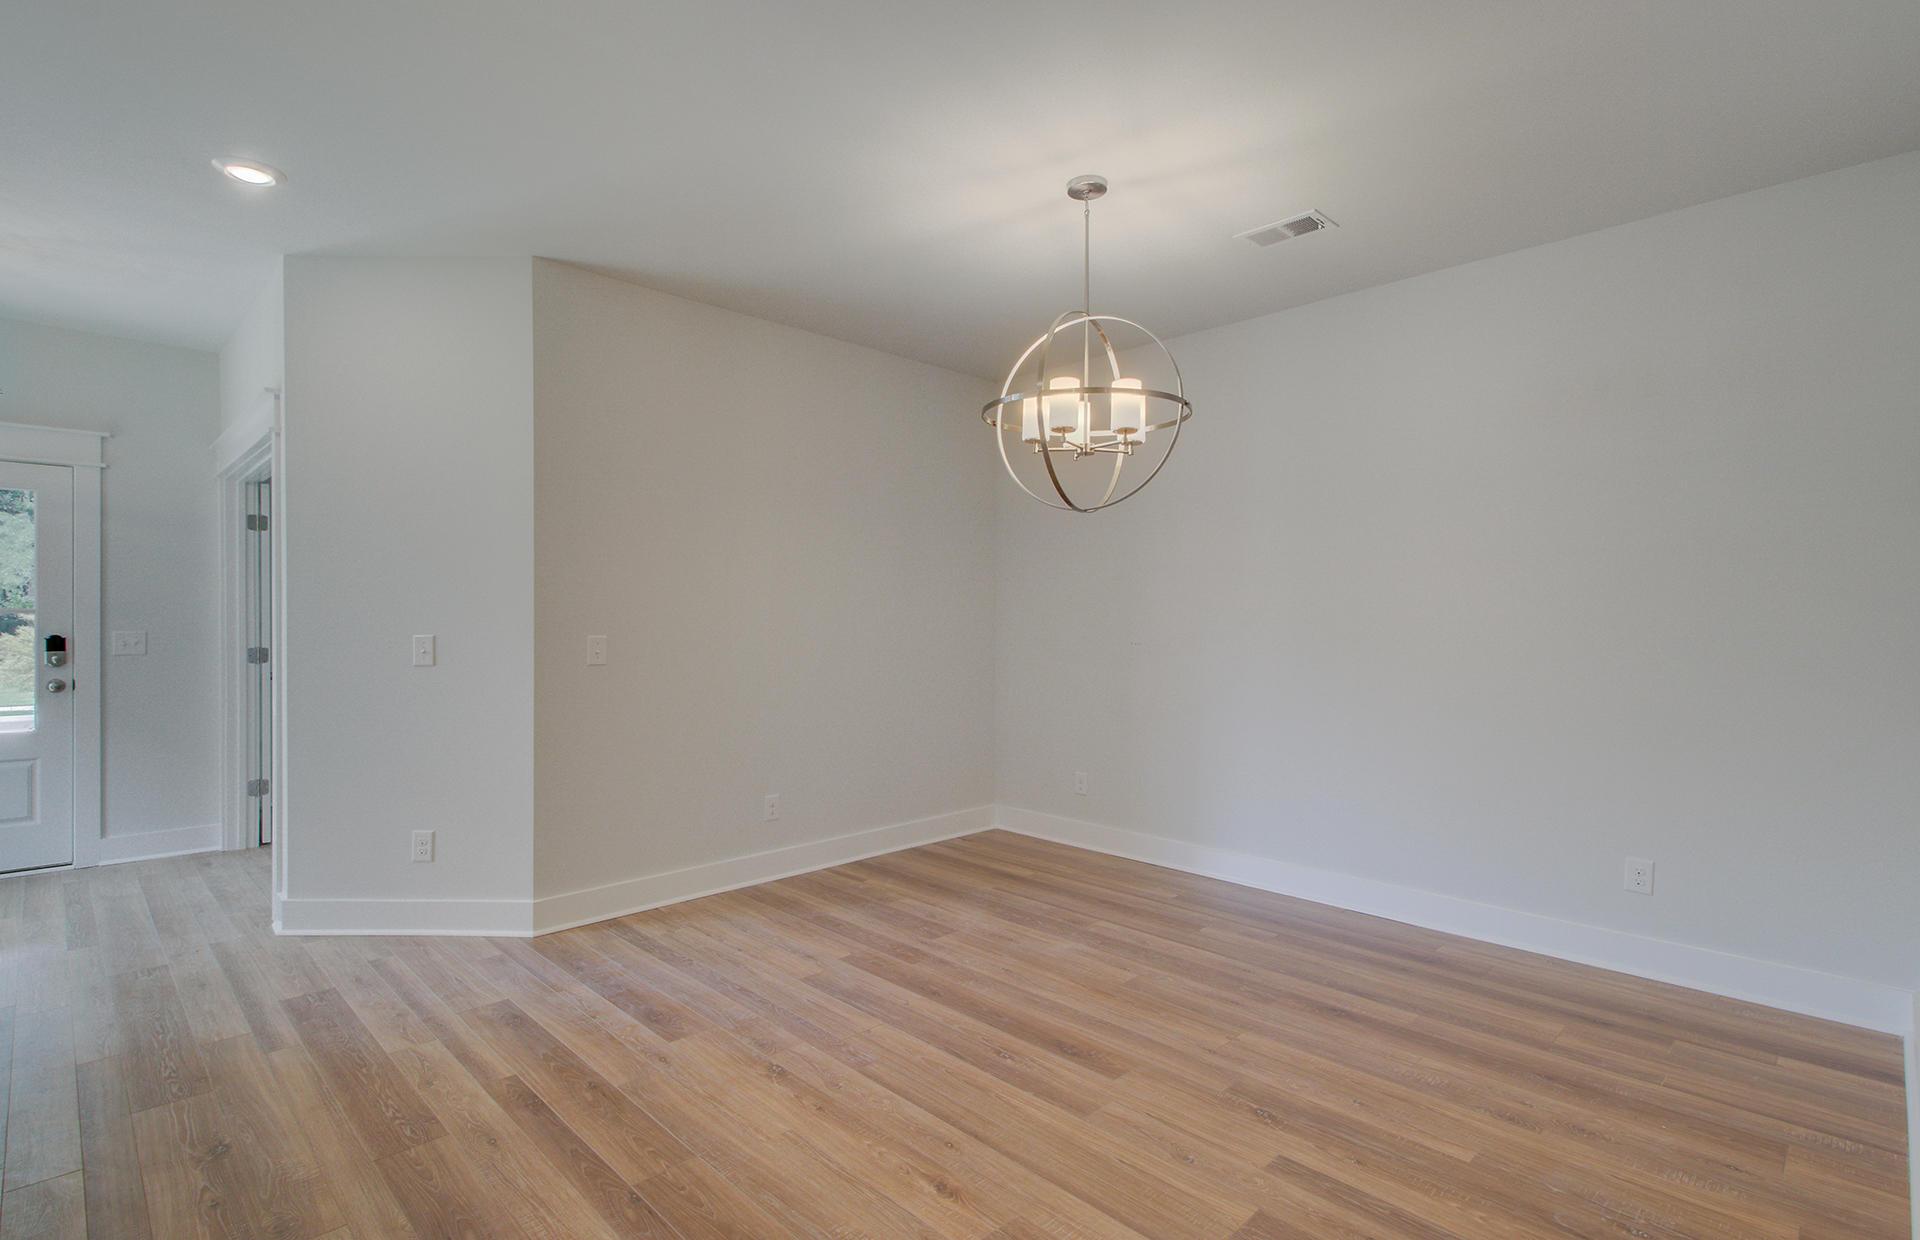 Park West Homes For Sale - 3013 Caspian, Mount Pleasant, SC - 45